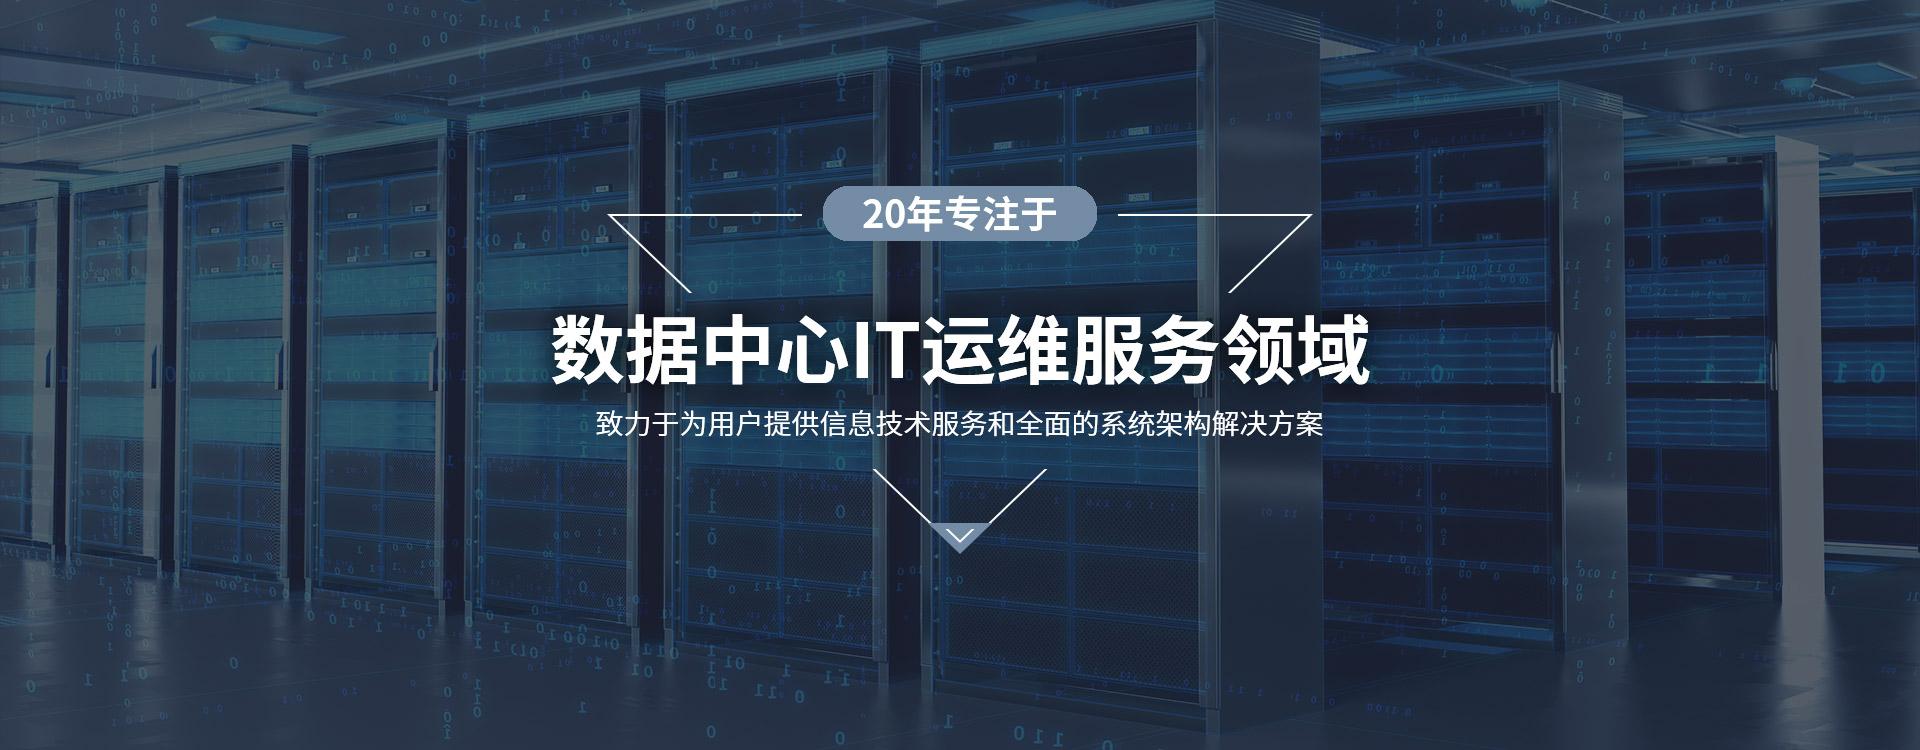 奇摩-数据中心IT运维服务领域